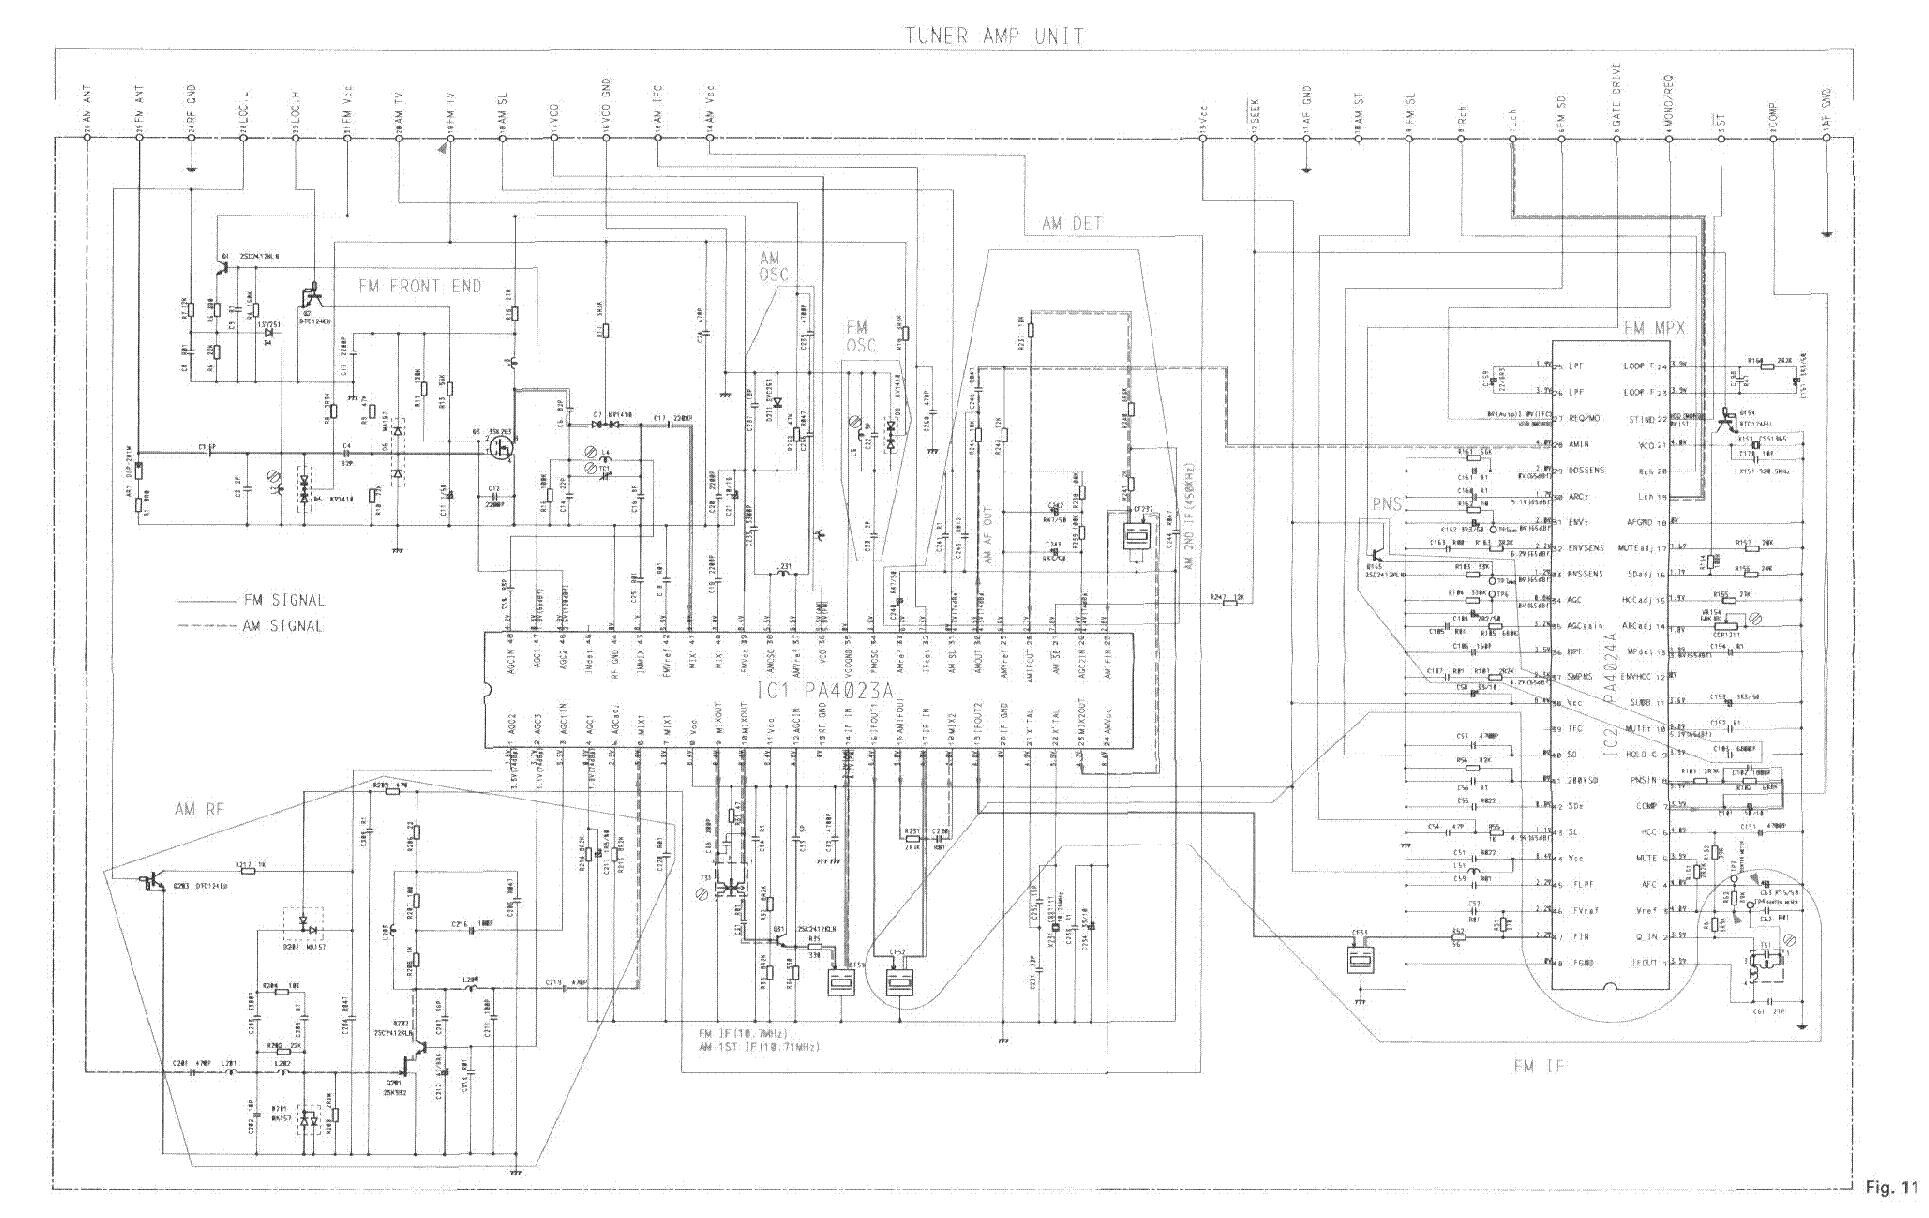 Wiring Diagram For Pioneer Keh 3400